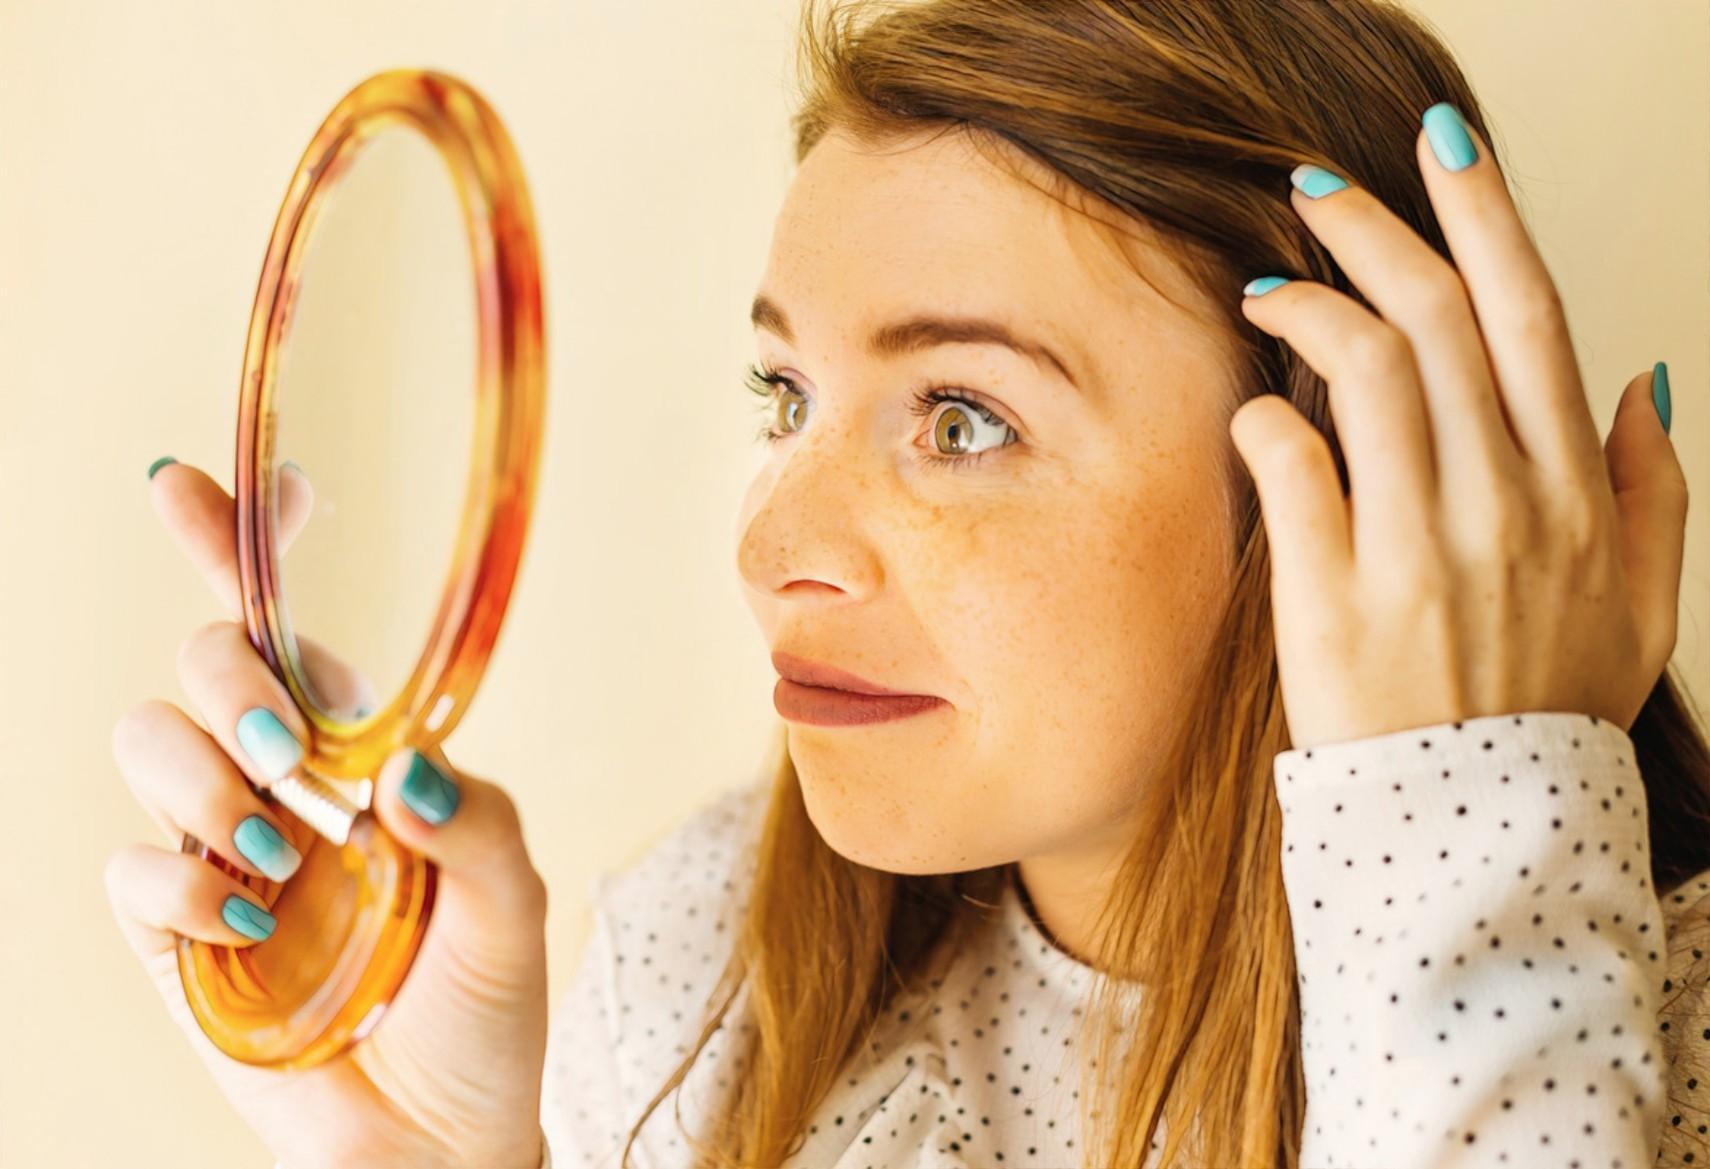 Девушка с пятнами на кожи смотрит в зеркало и думает, что можно с ними сделать